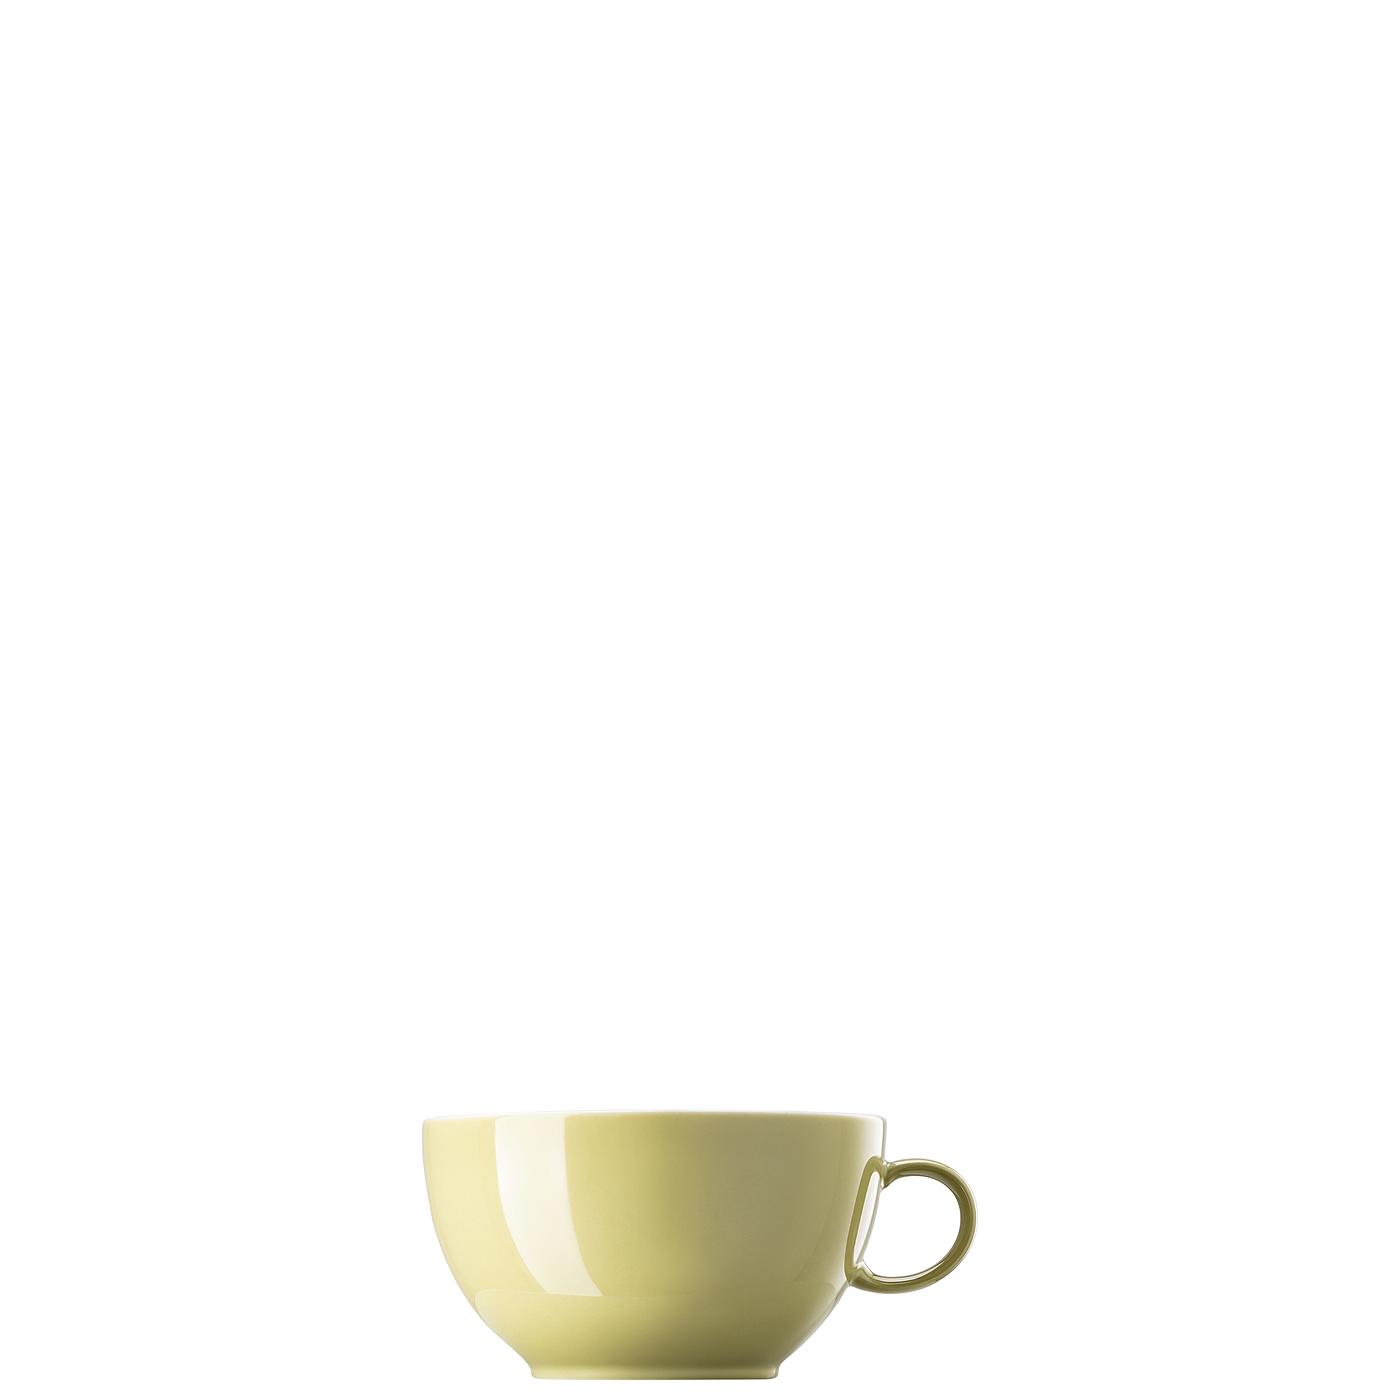 Cappuccino-Obertasse Sunny Day Avocado Green Thomas Porzellan